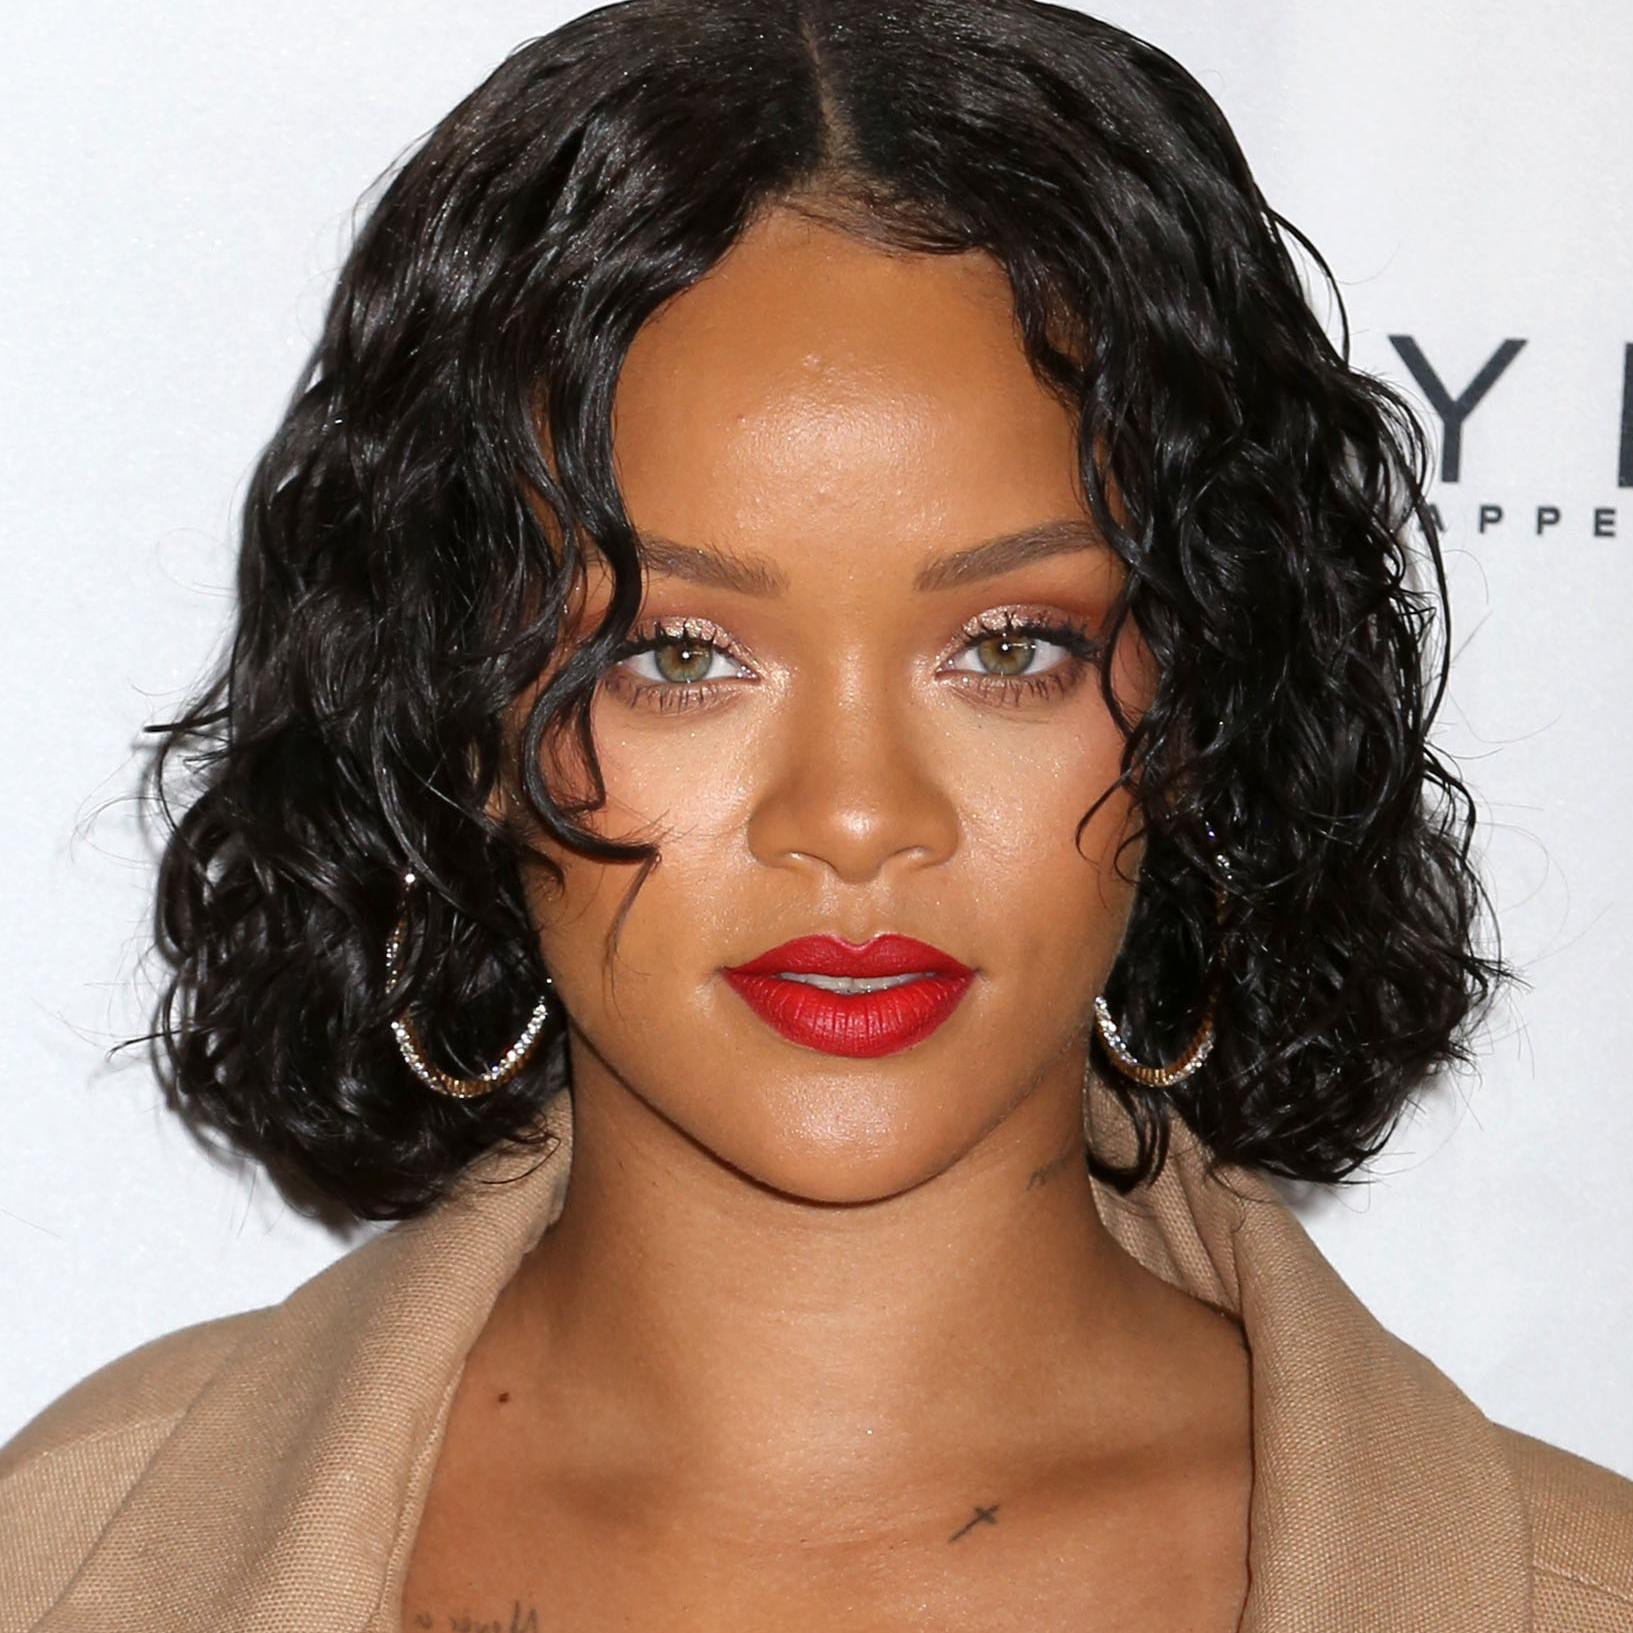 Rihanna se fait humilier sur internet cause de son poids elle - Rihanna poids 2017 ...